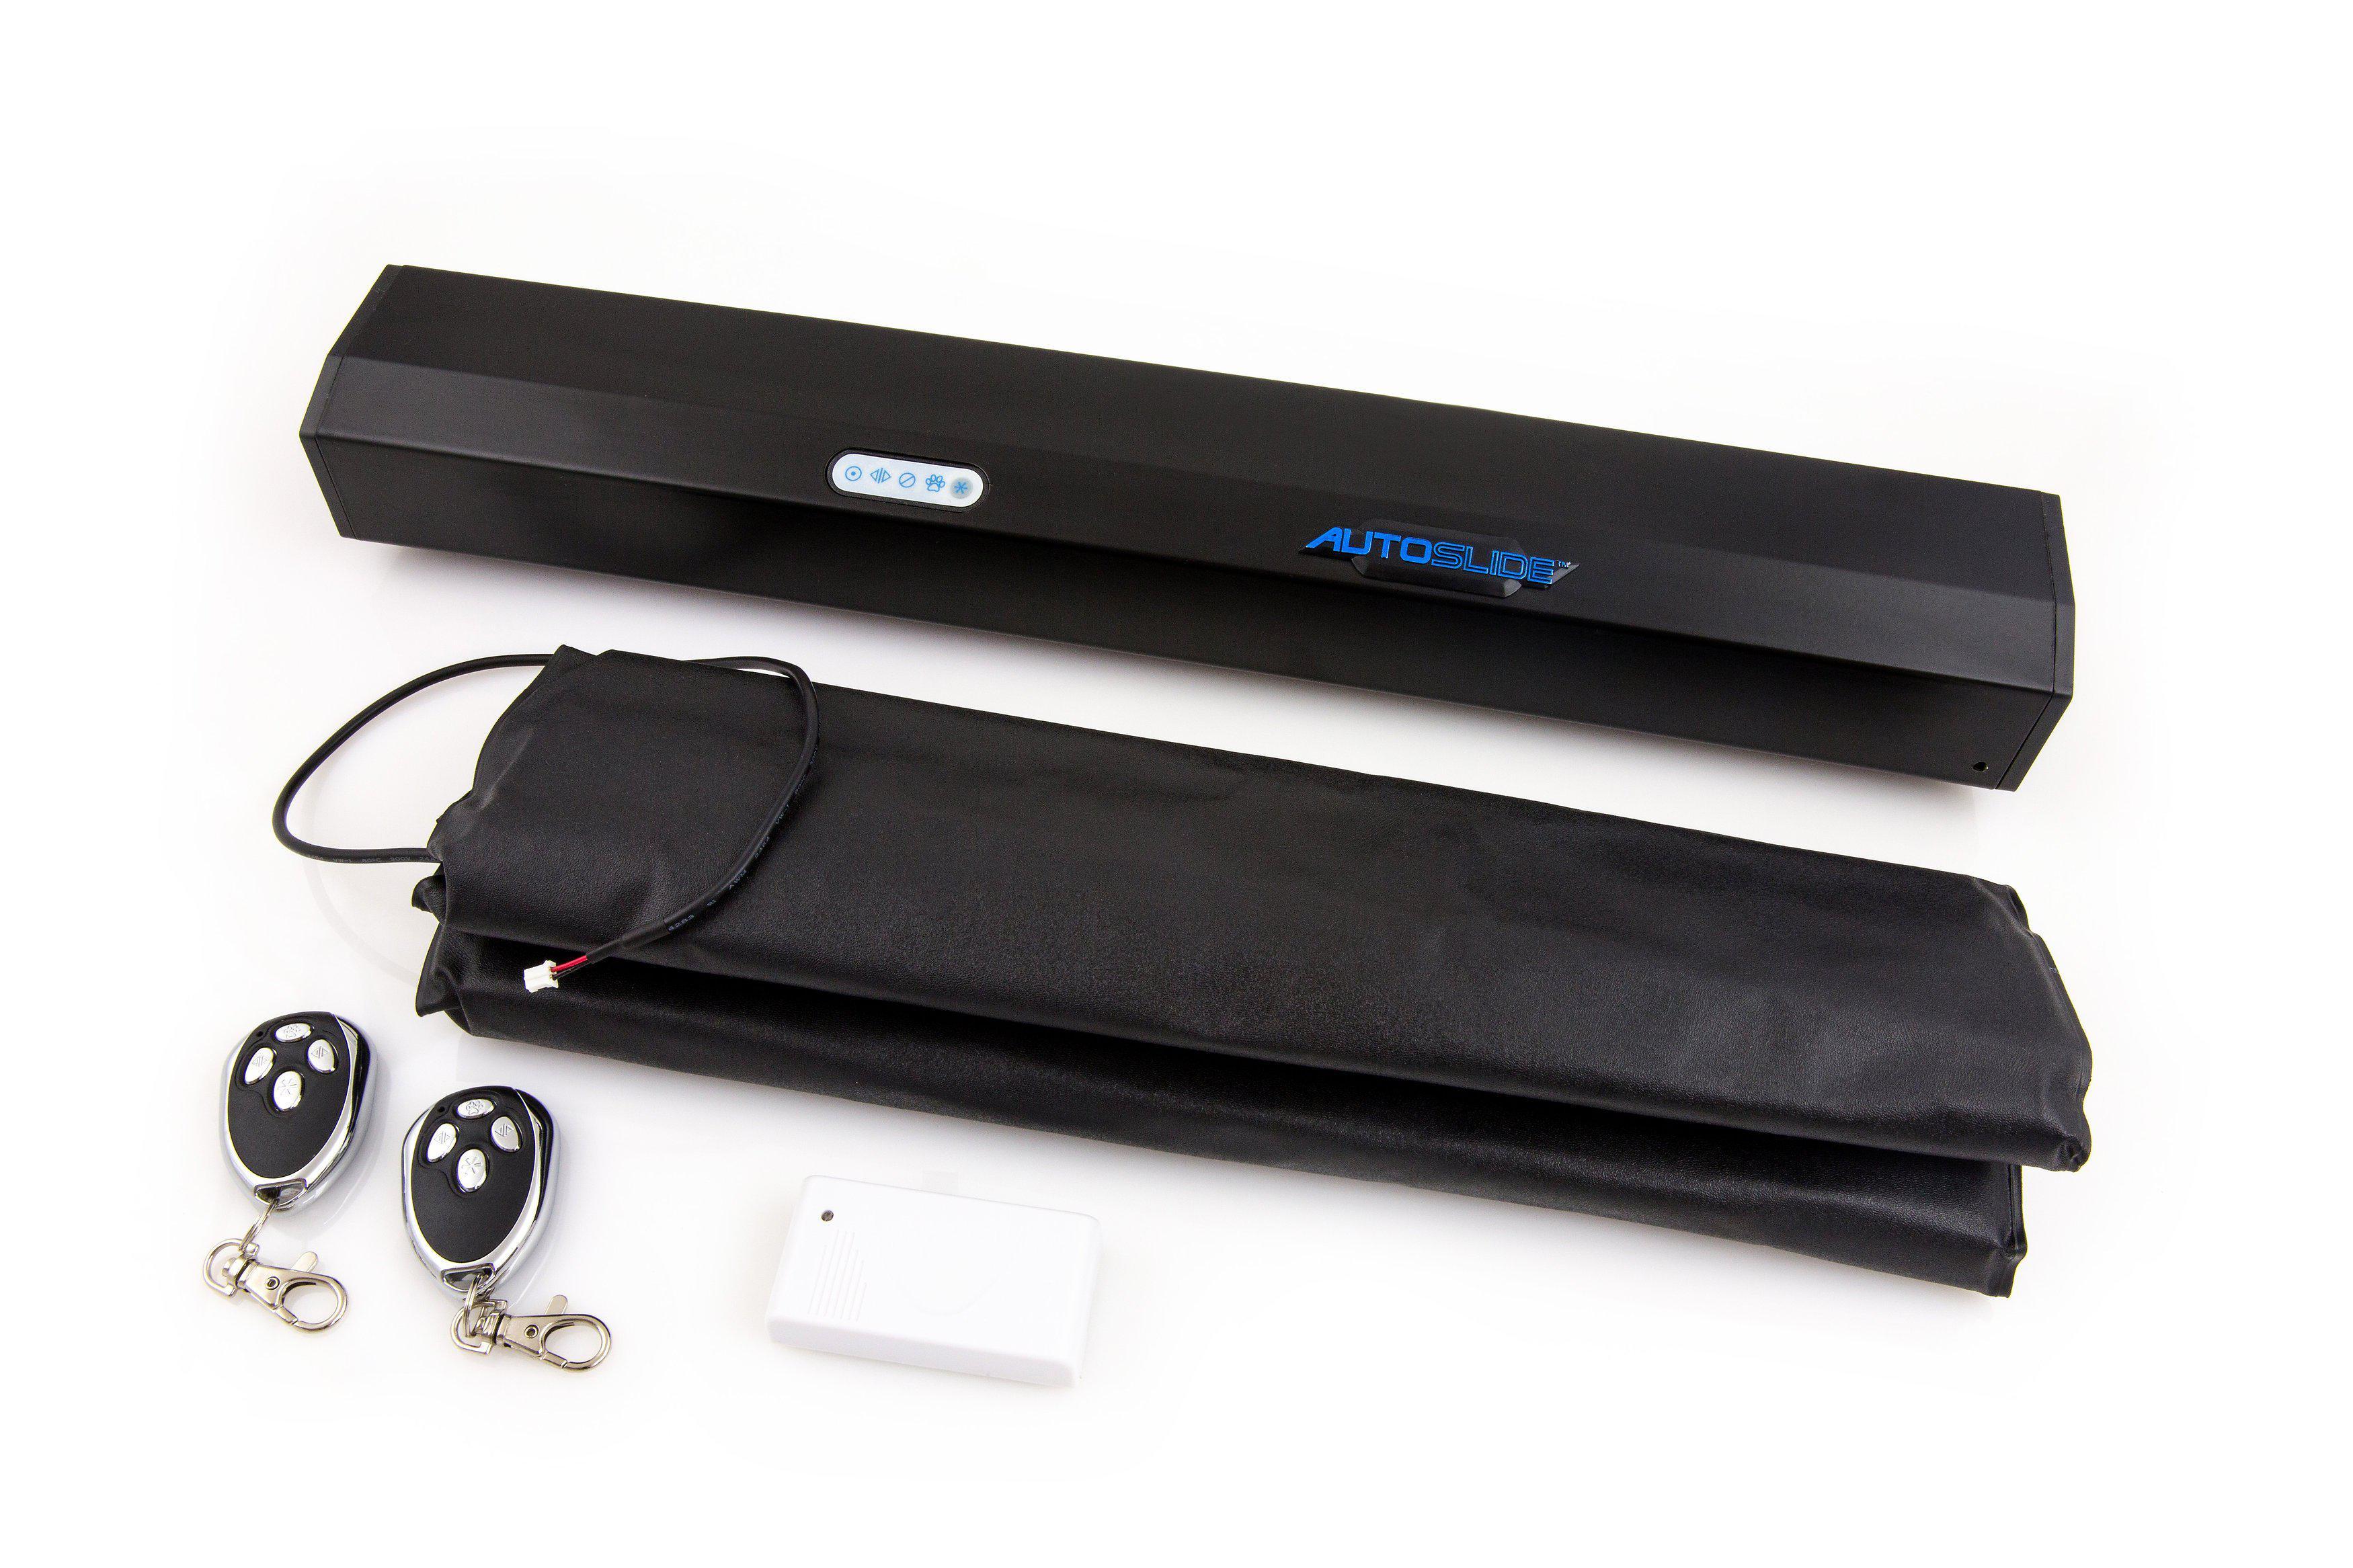 autoslide automatic sliding patio door system pressure activated electronic doormat pet door kit